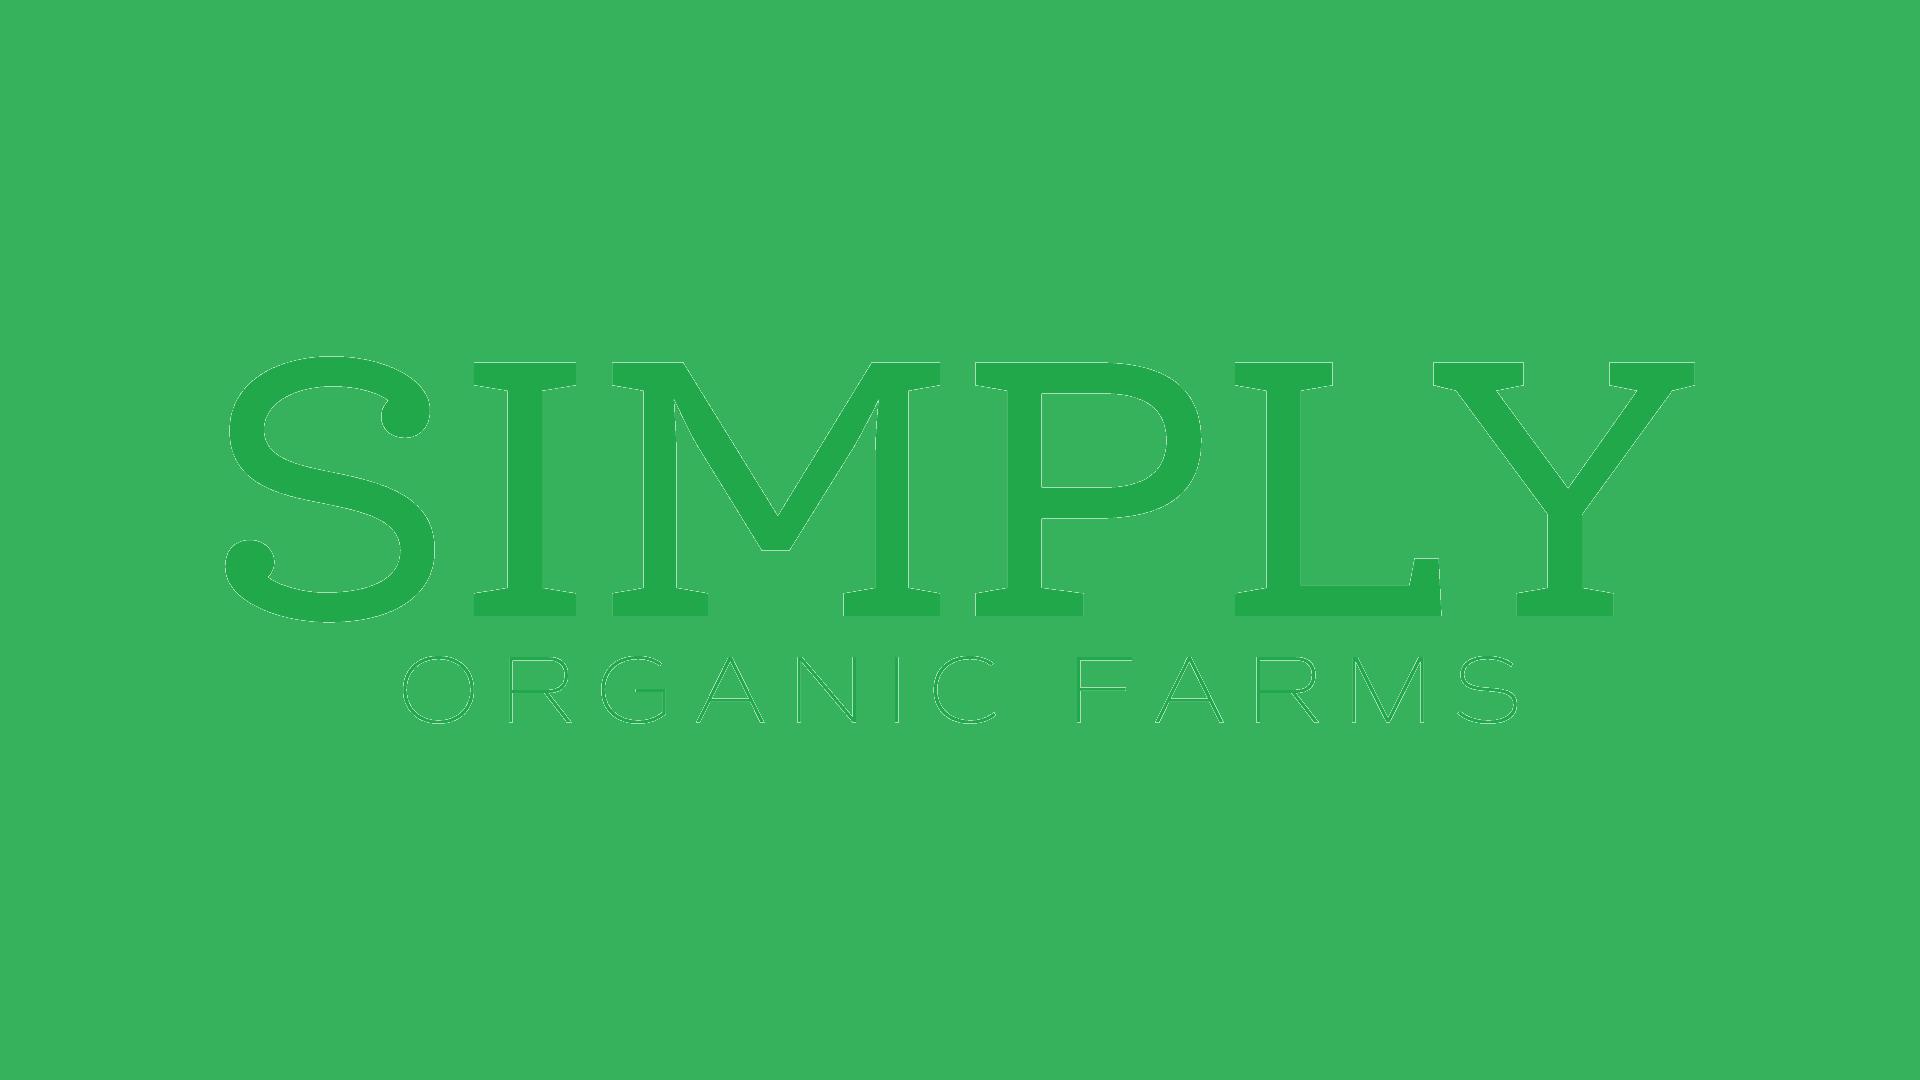 Simply Organic Farms